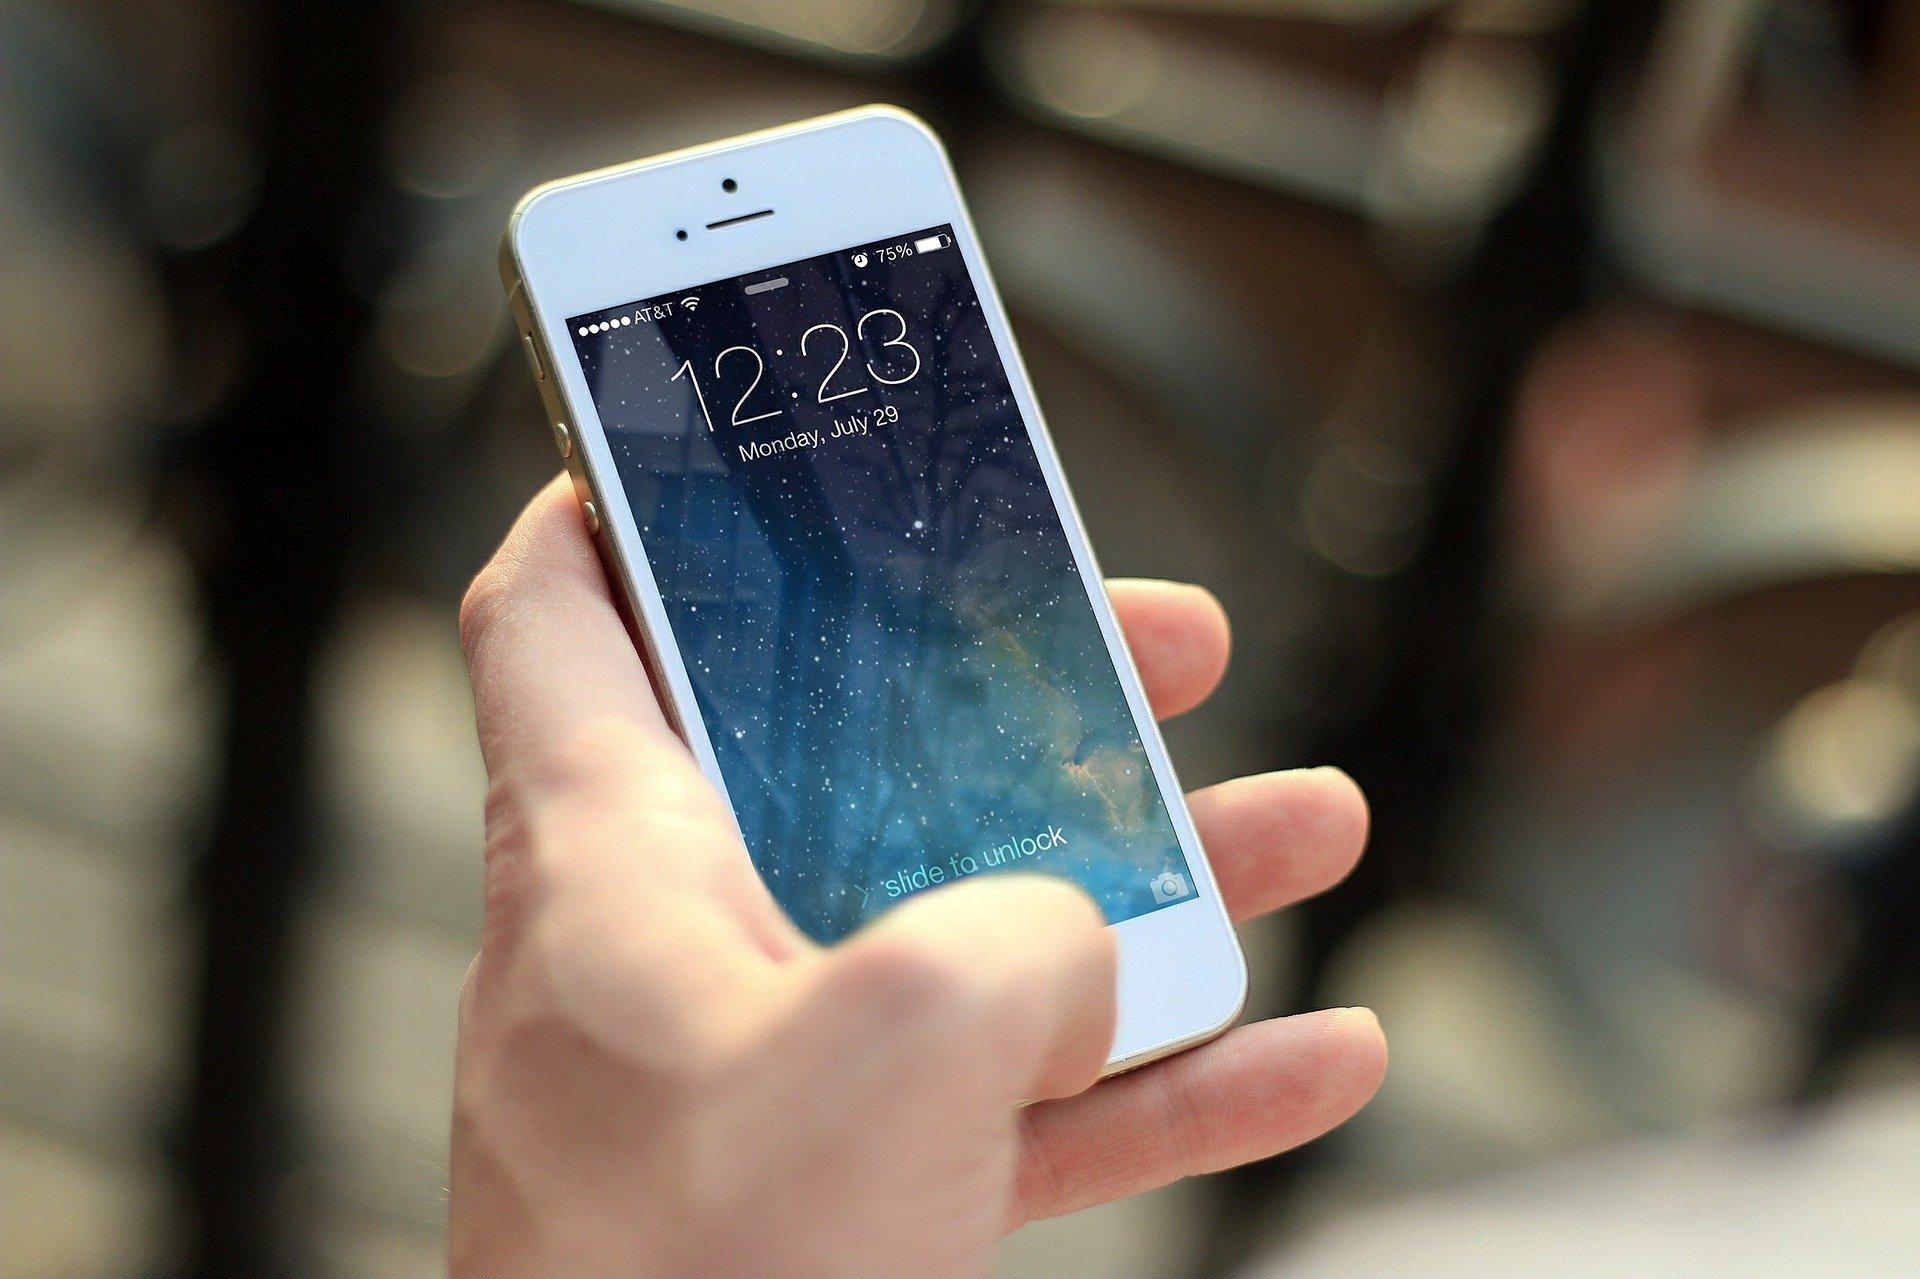 Utiliser son téléphone comme caméra de surveillance - Comparateur d'alarme et vidéosurveillance, devis gratuit et rapide - Le Héron